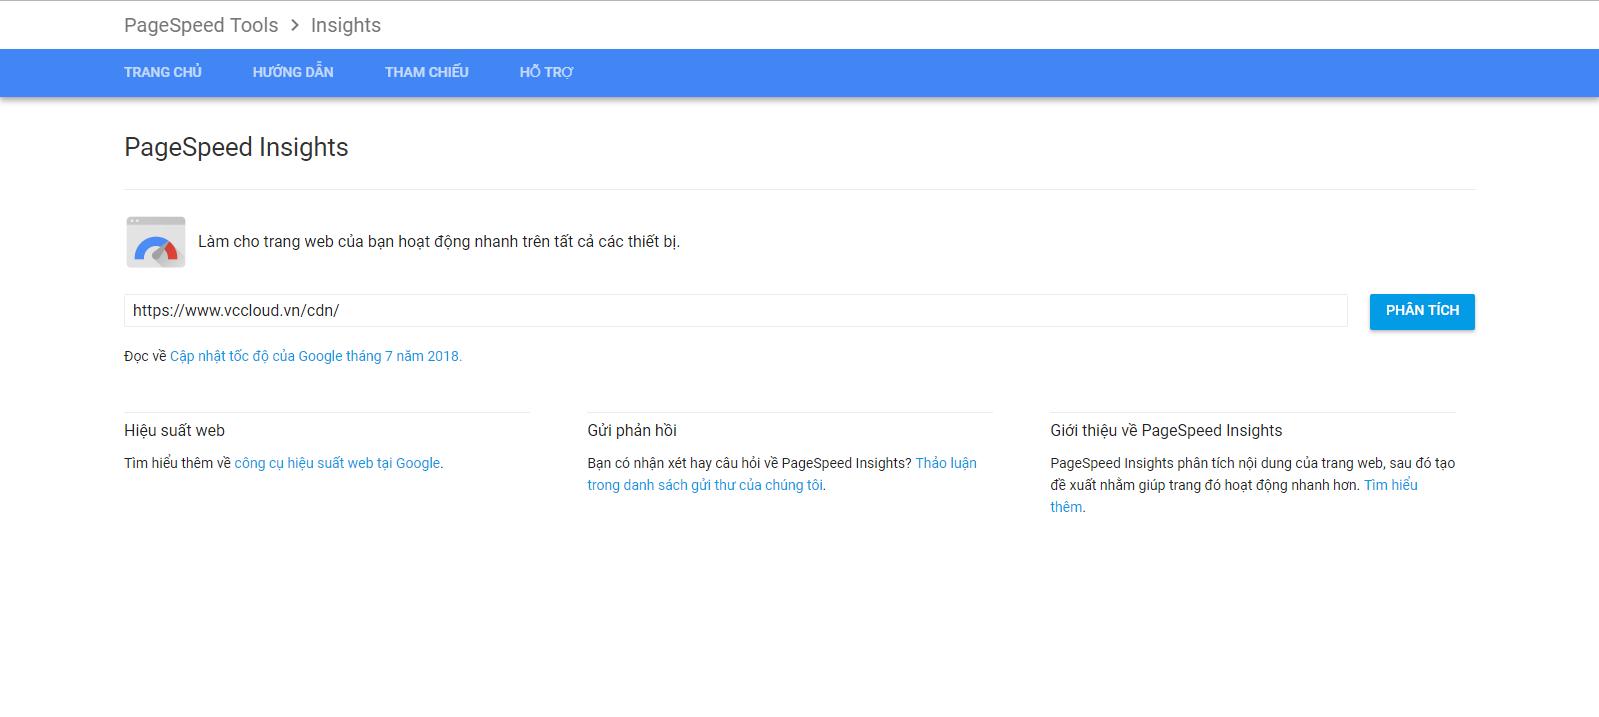 Tìm hiểu công cụ đánh giá tốc độ Google Speed Test - Ảnh 1.